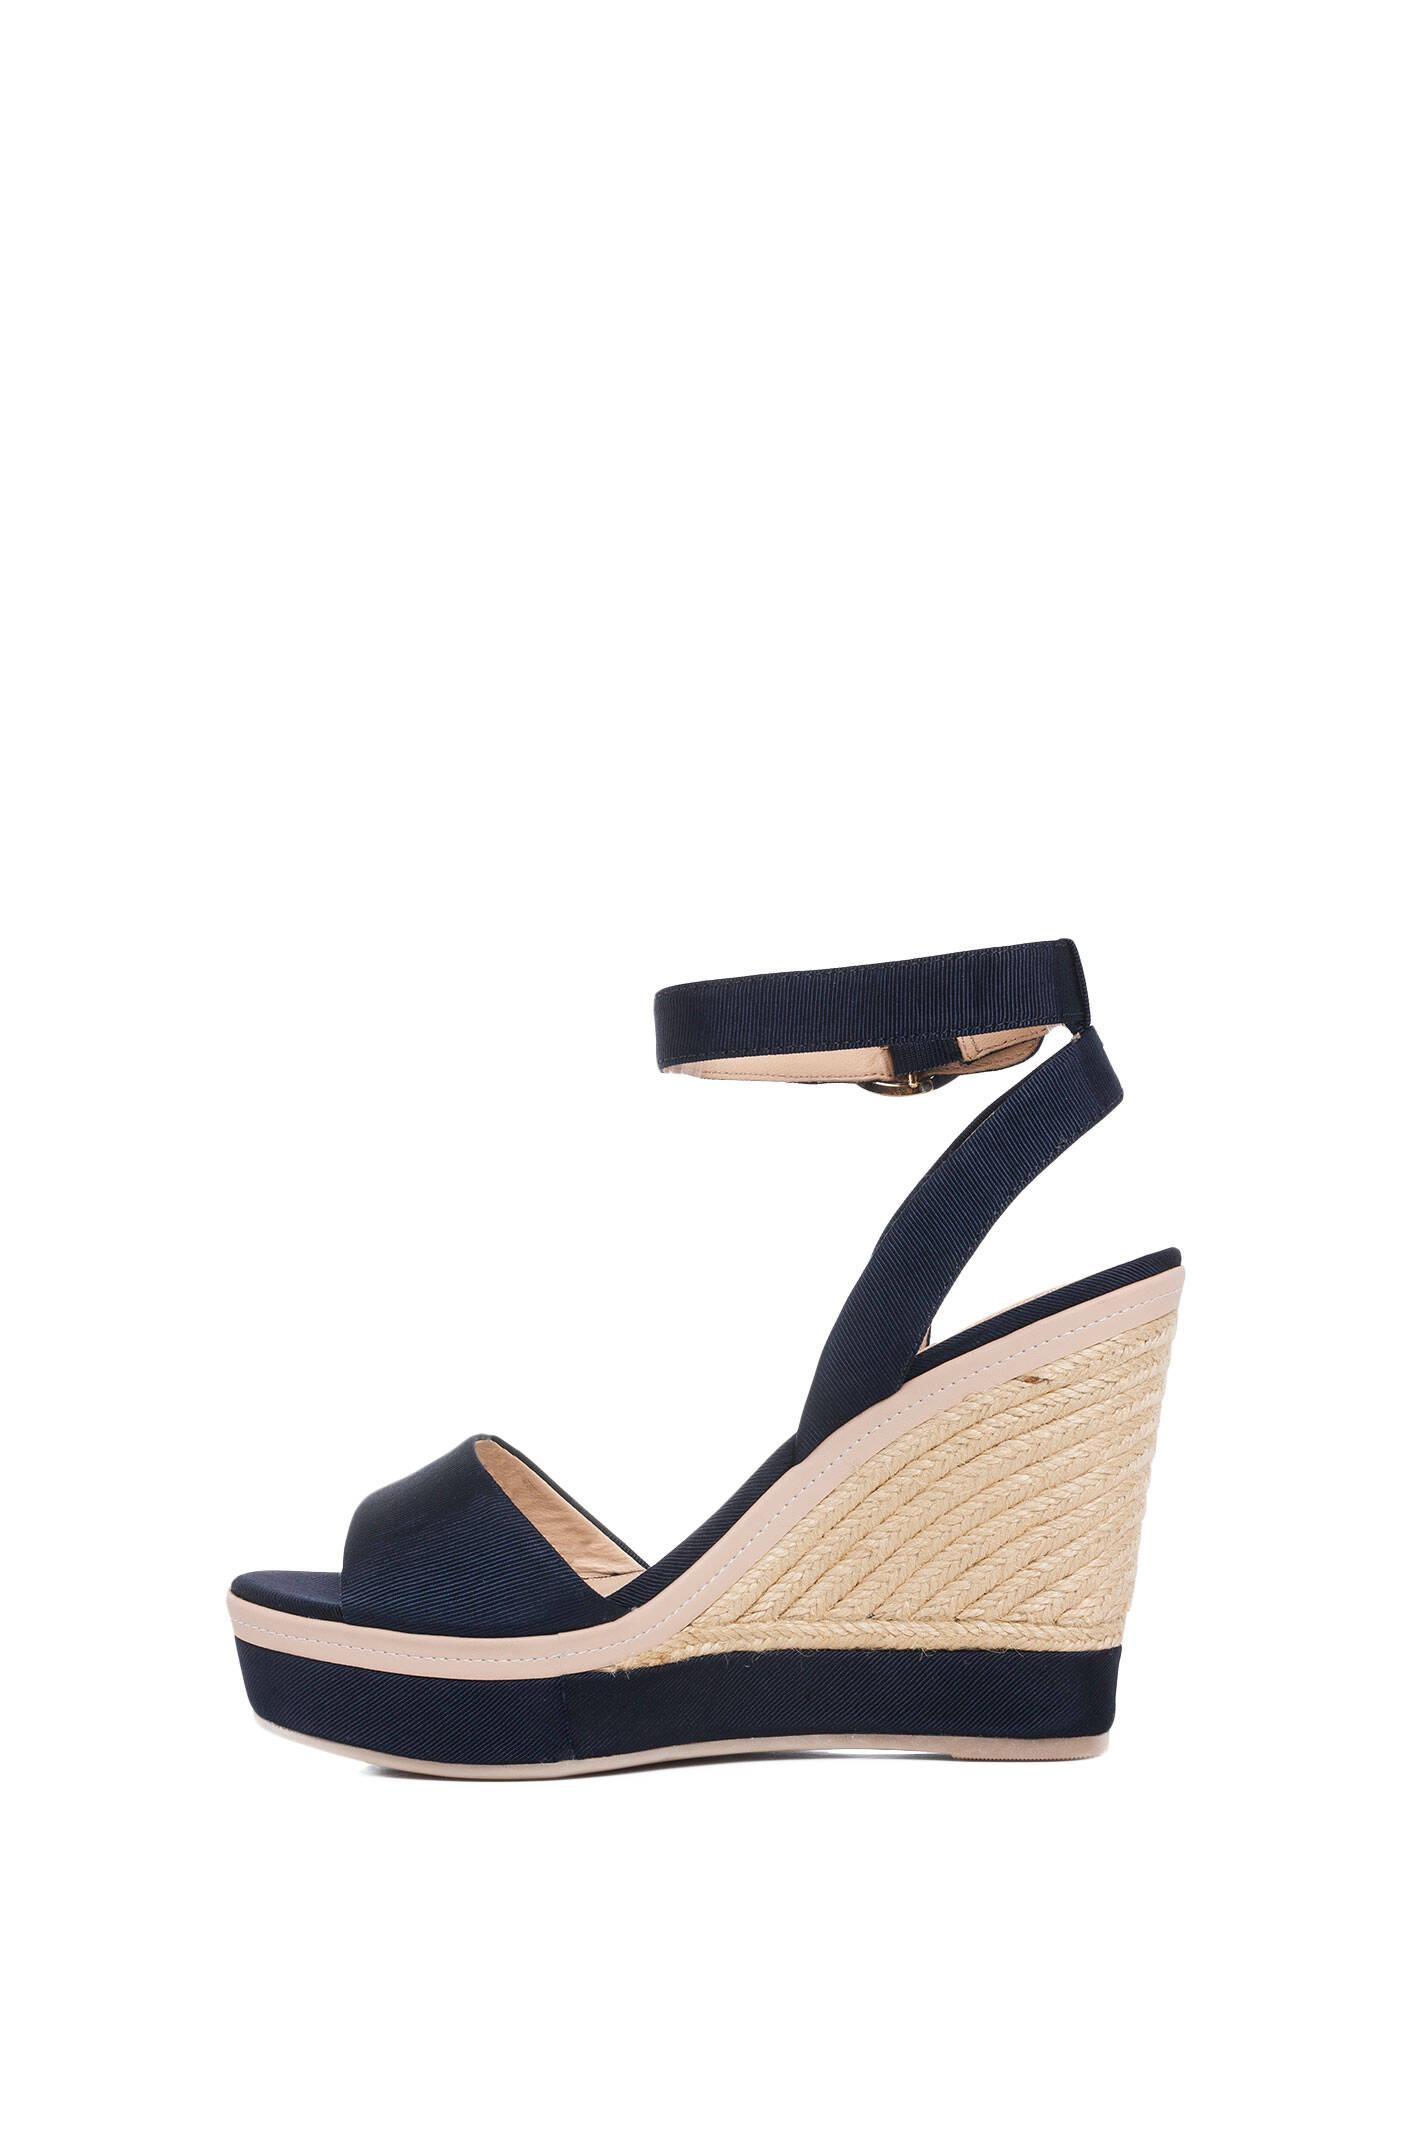 estelle wedges tommy hilfiger navy blue shoes. Black Bedroom Furniture Sets. Home Design Ideas